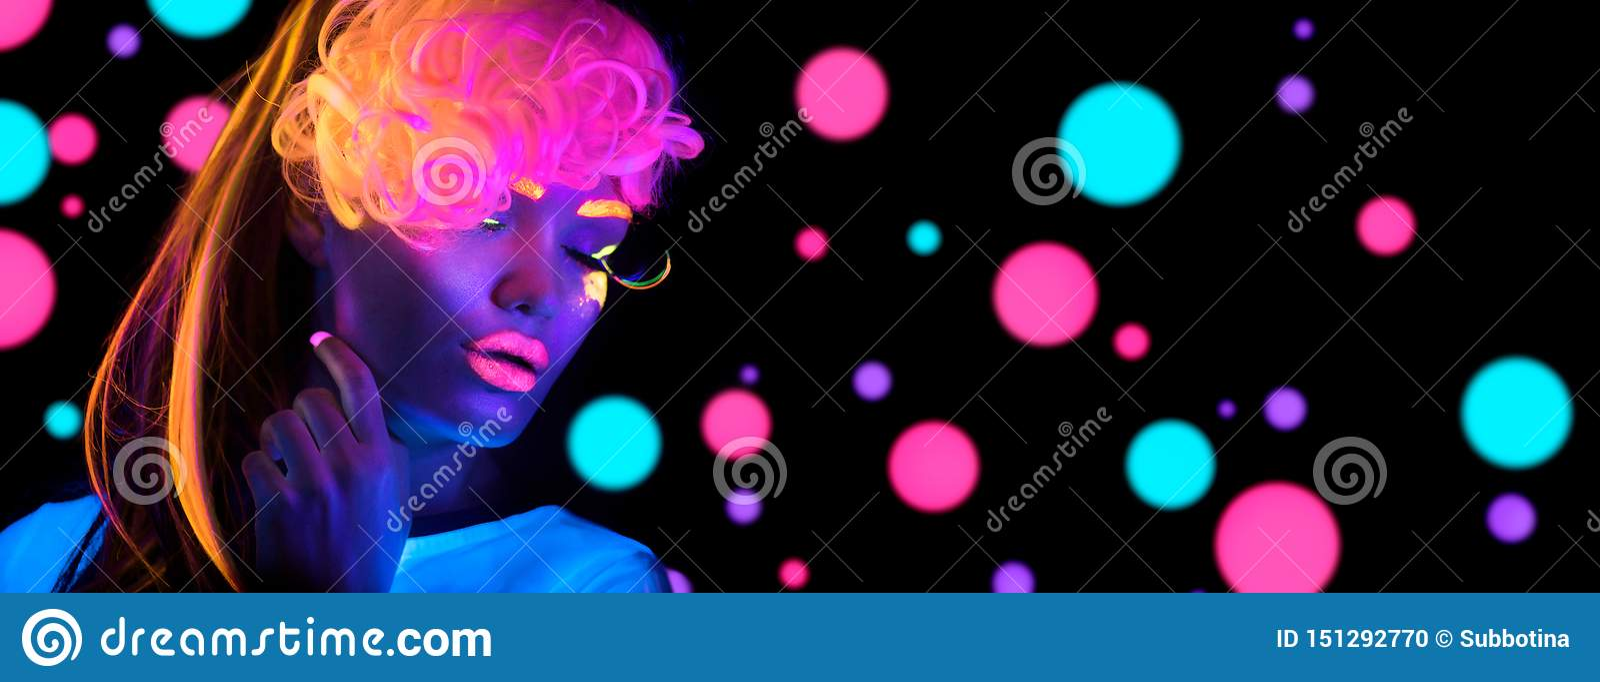 Женщина диско моды Танцуя модель в неоновом свете, портрете девушки красоты с дневным макияжем